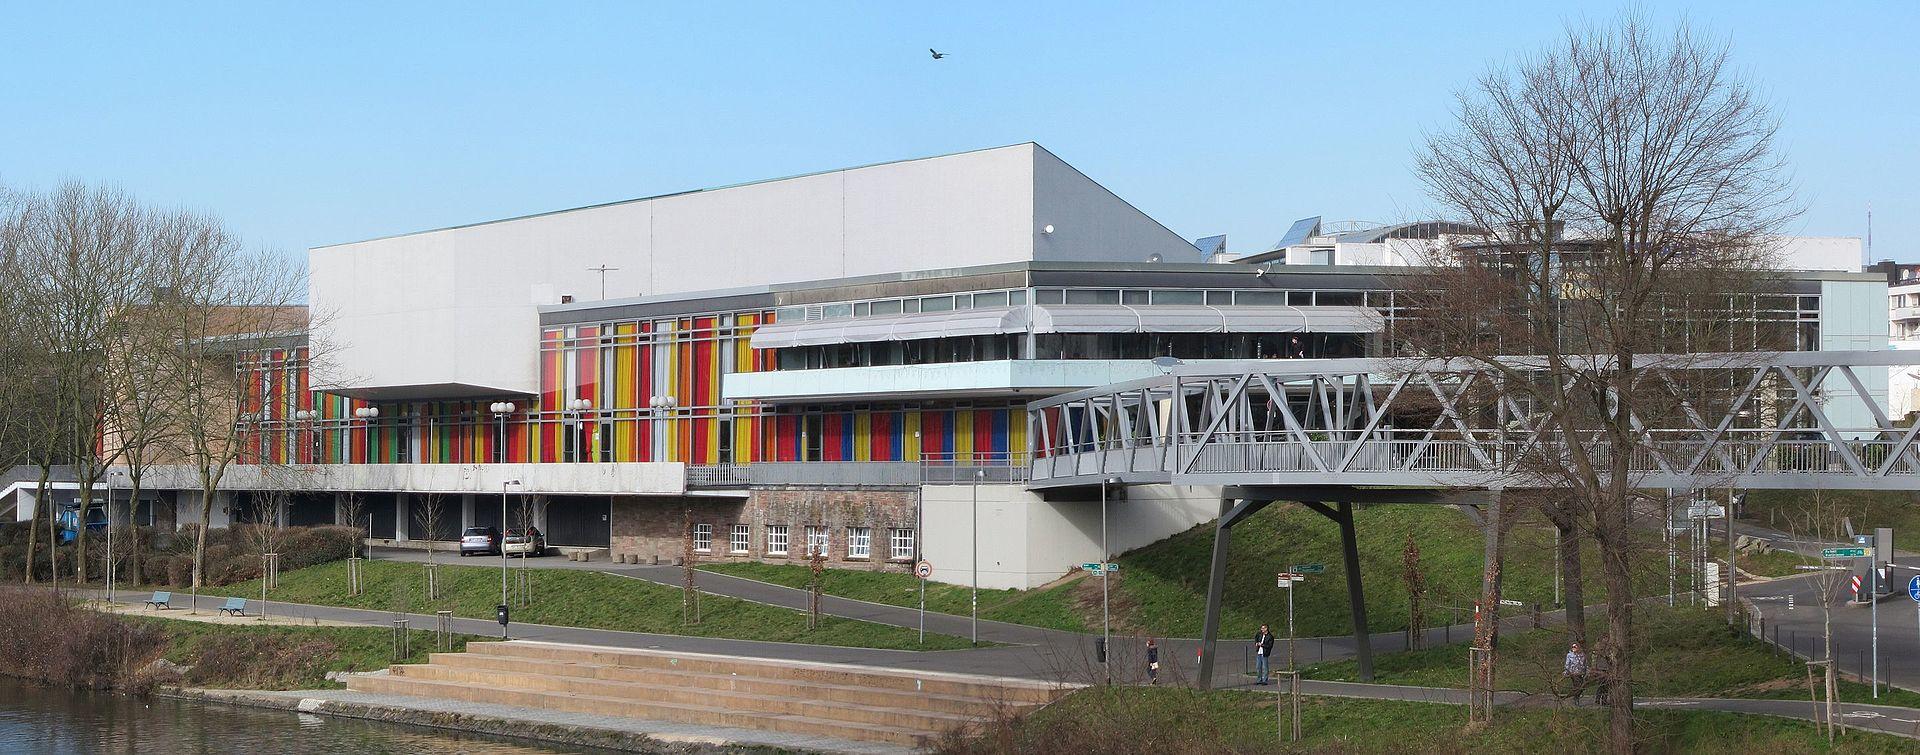 Bild Congresshalle Saarbrücken